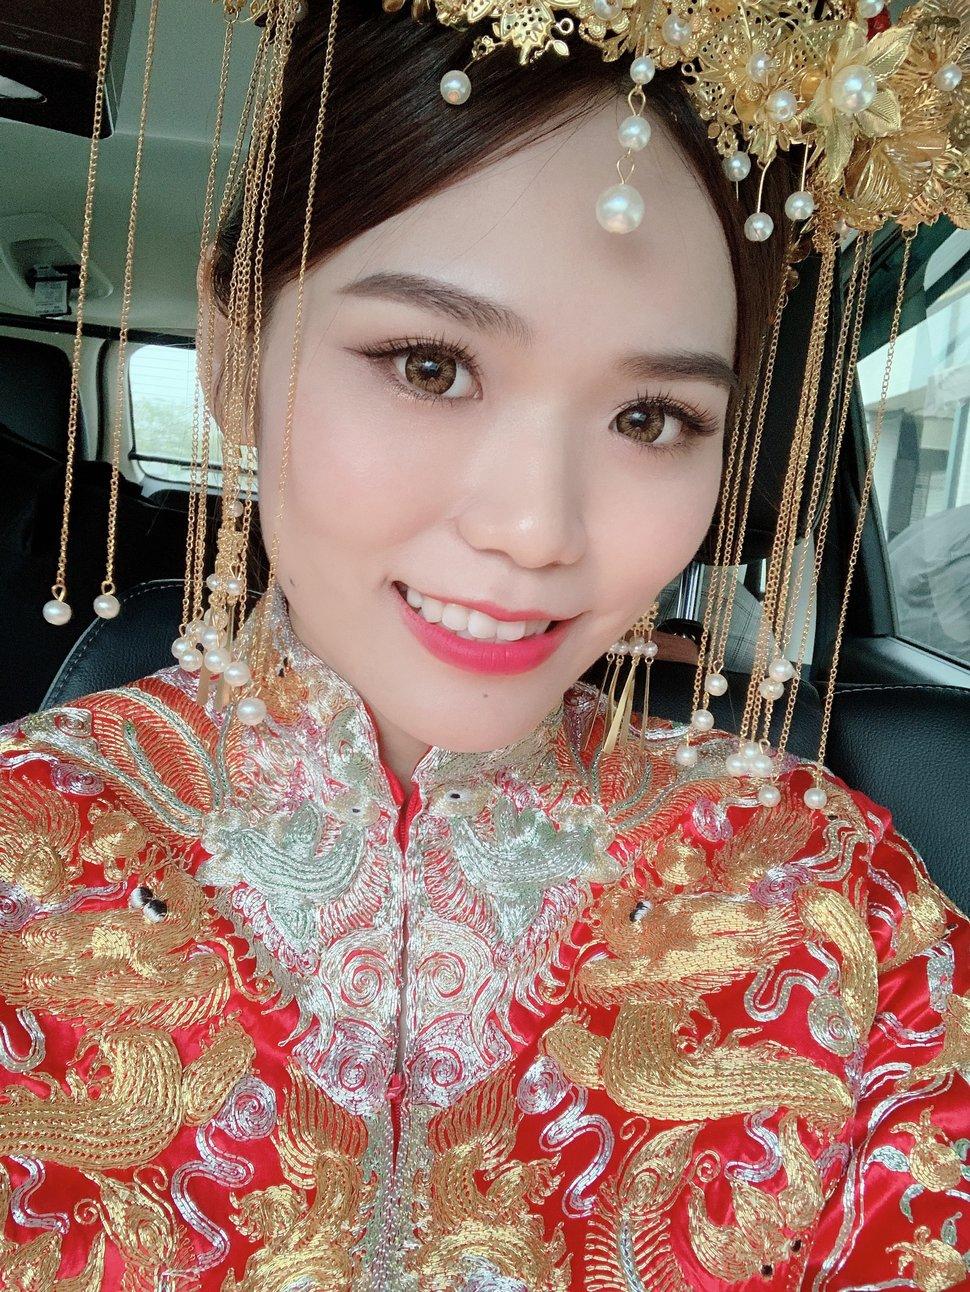 39321D67-7FD8-49AB-A738-96601B80A870 - 全台新祕 銘鴻 Hong stylist《結婚吧》